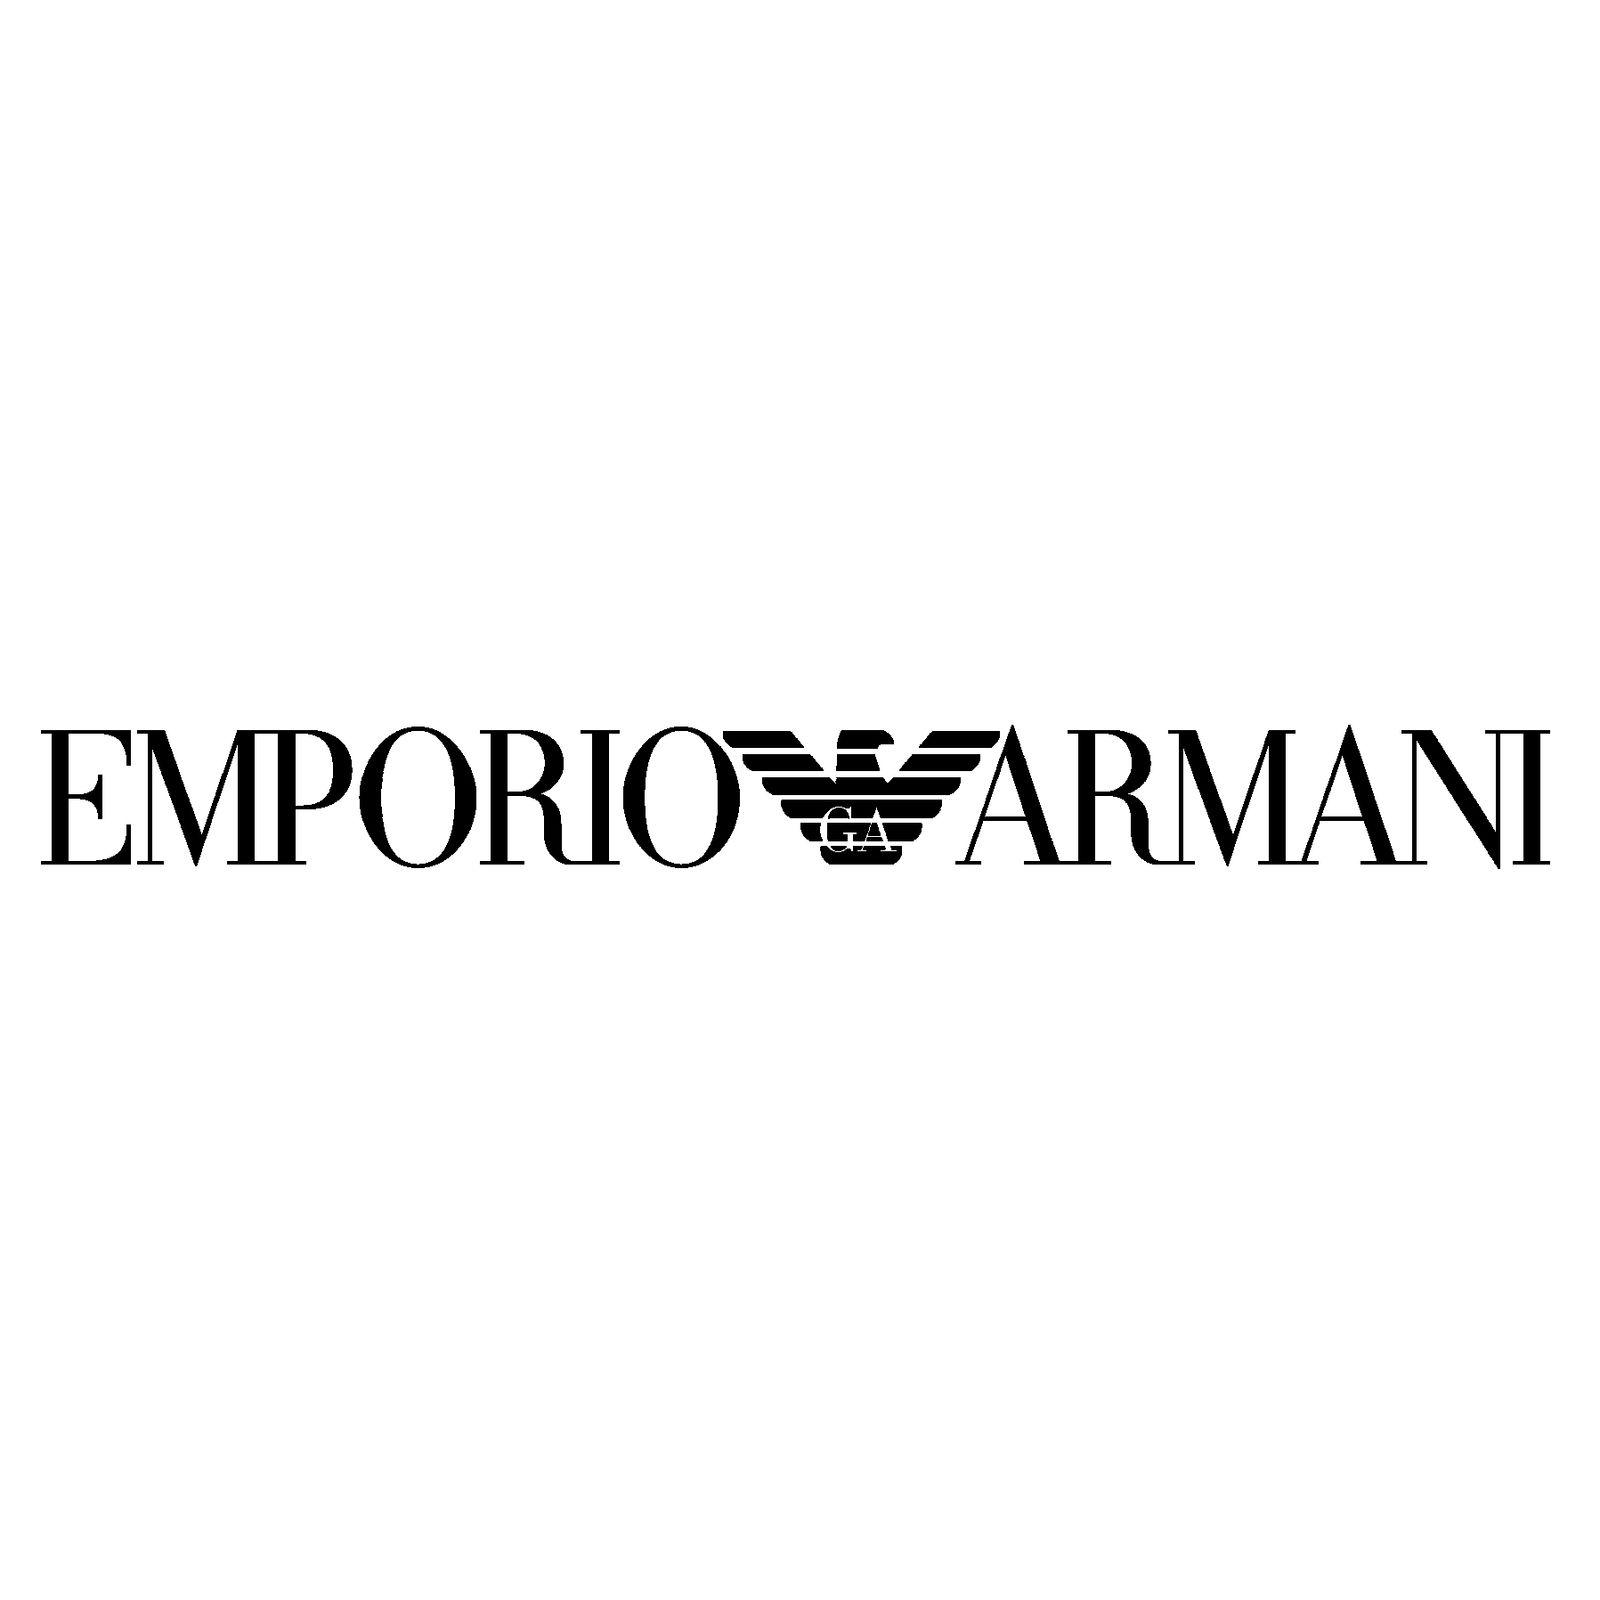 EMPORIO ARMANI (Image 1)